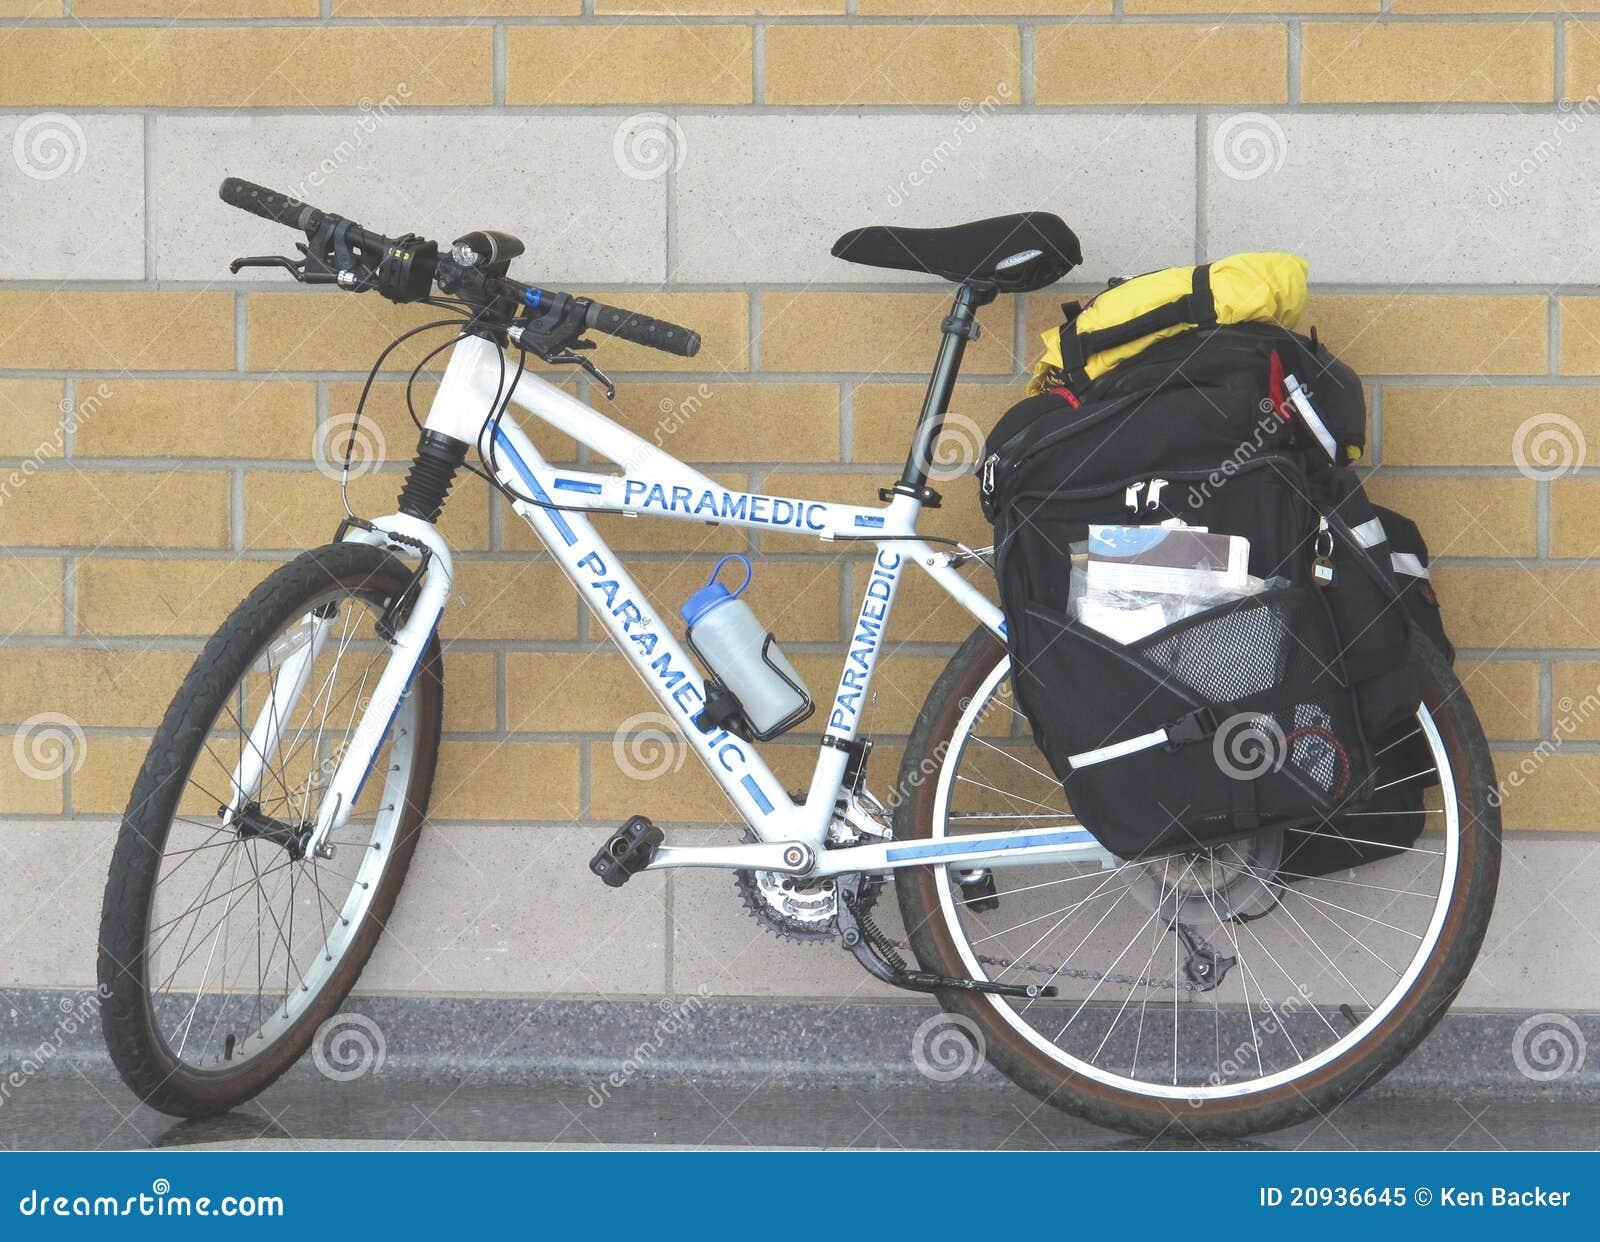 Bicicletta Usata Da Un Paramedico Immagine Stock Immagine Di First